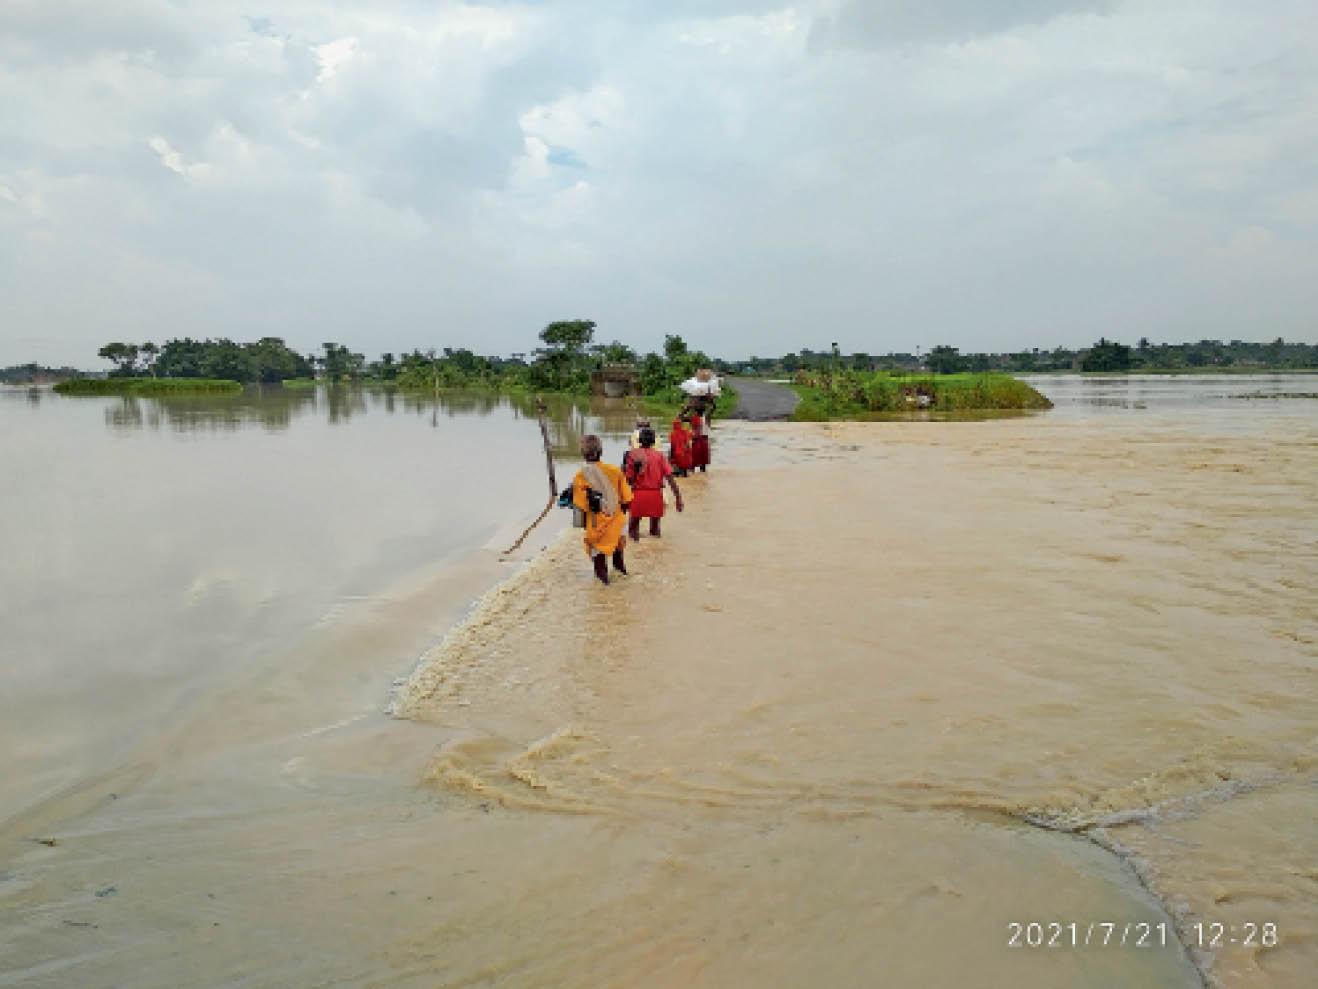 कबछुआ गांव के निकट लचका पुल पर बह रहा बाढ़ का पानी। पुल के जलमग्न होने के बाद लोग जान को जोखिम में डालकर जा रहे हैं, क्योंकि प्रशासन ने नाव की व्यवस्था नहीं की है। - Dainik Bhaskar